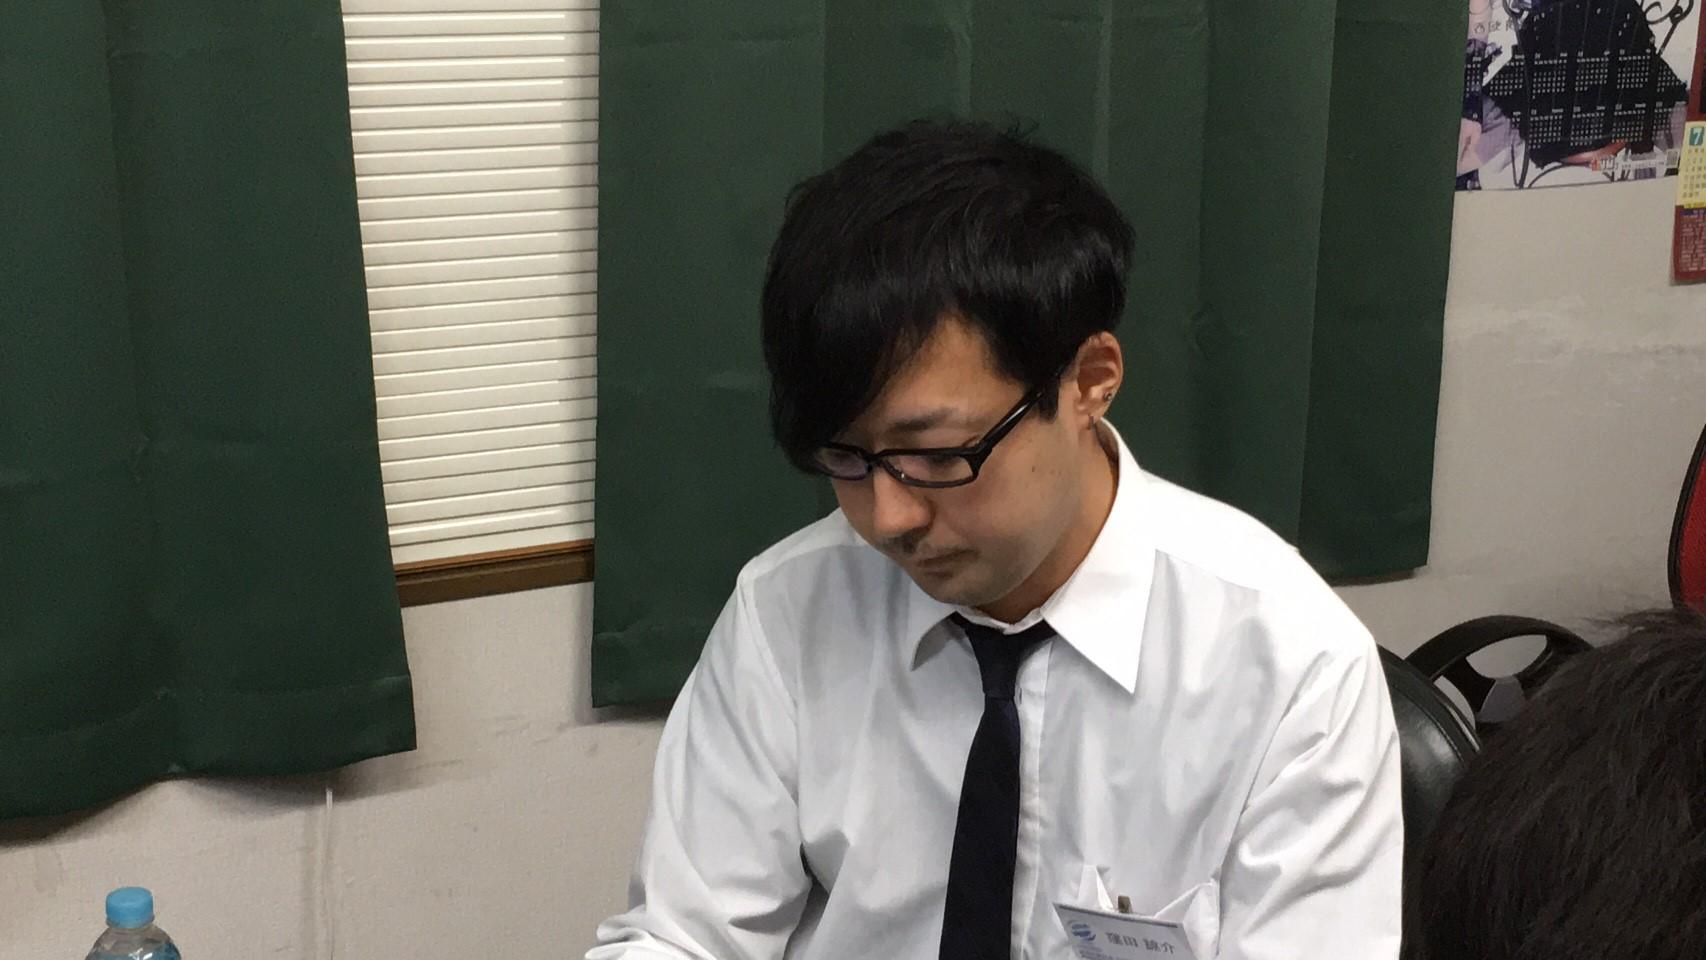 窪田 諒介